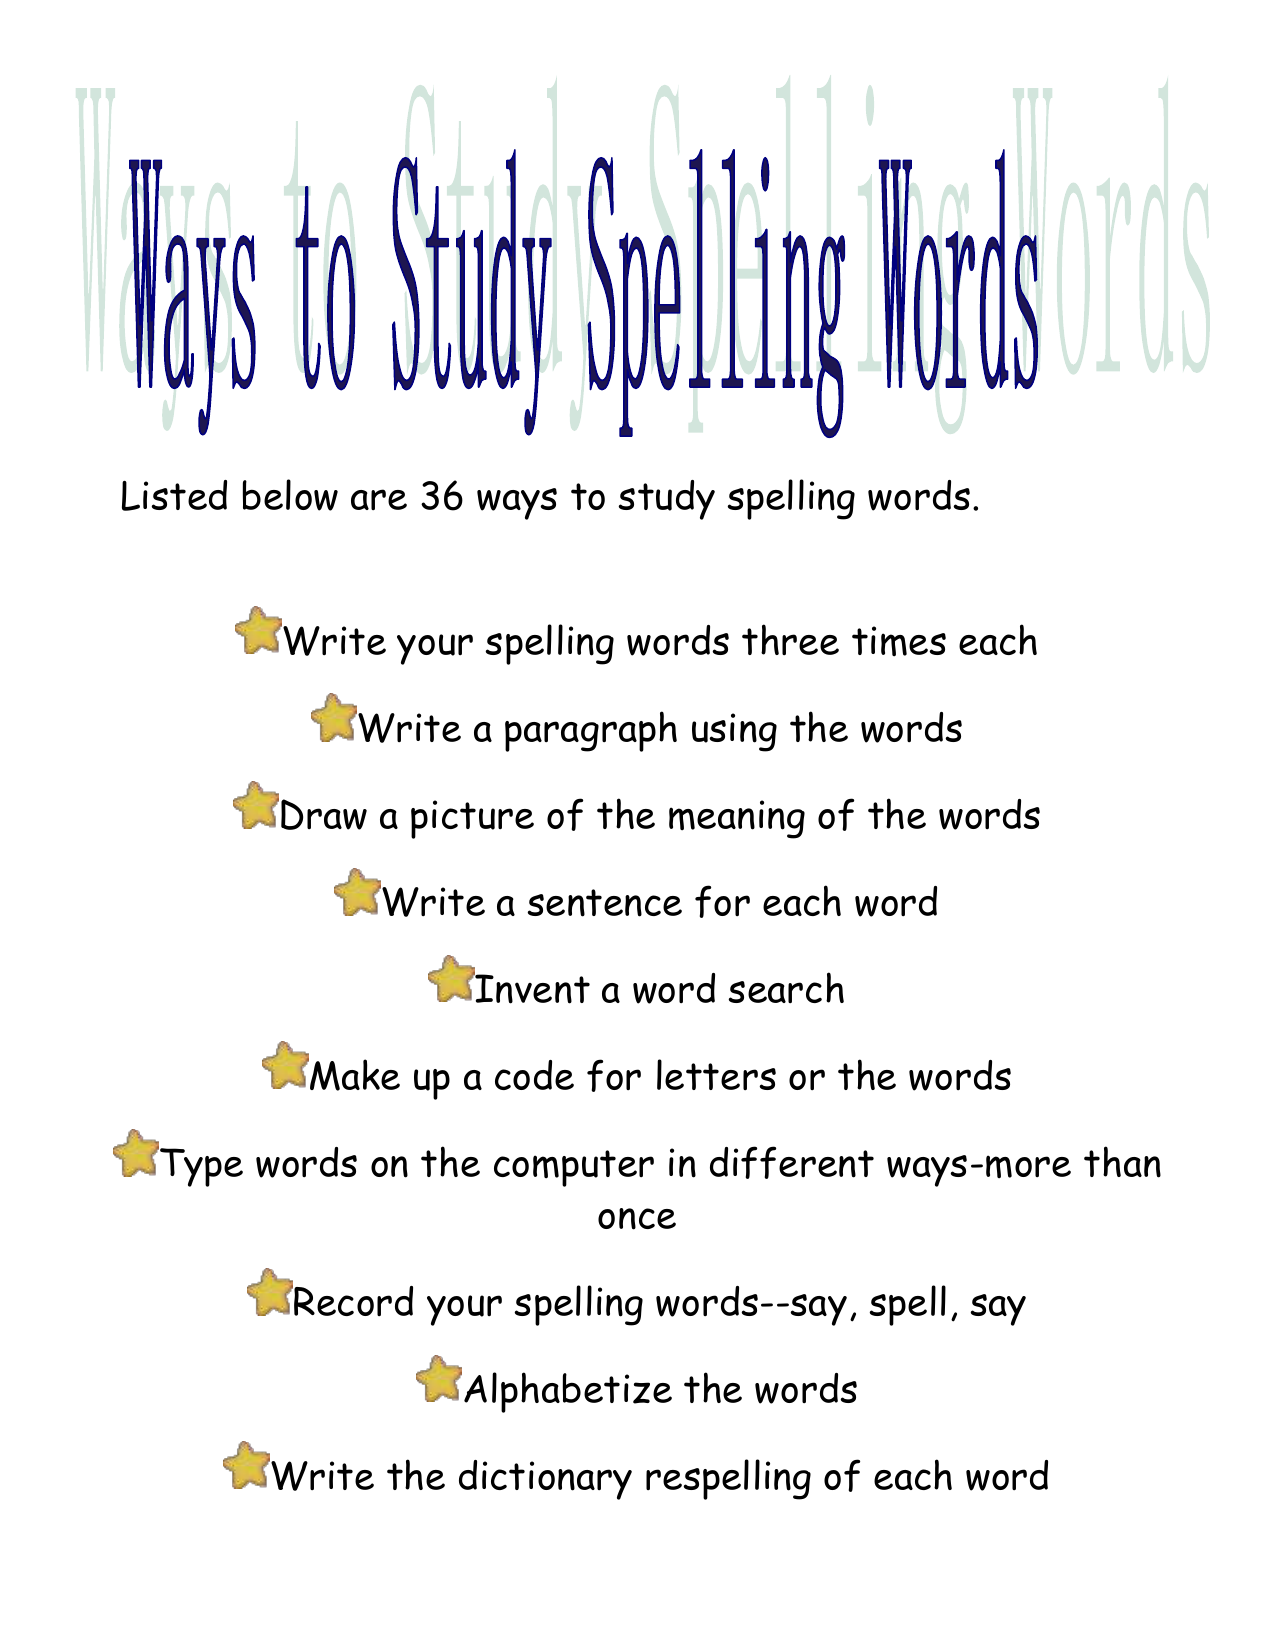 36 ways to practice spelling words